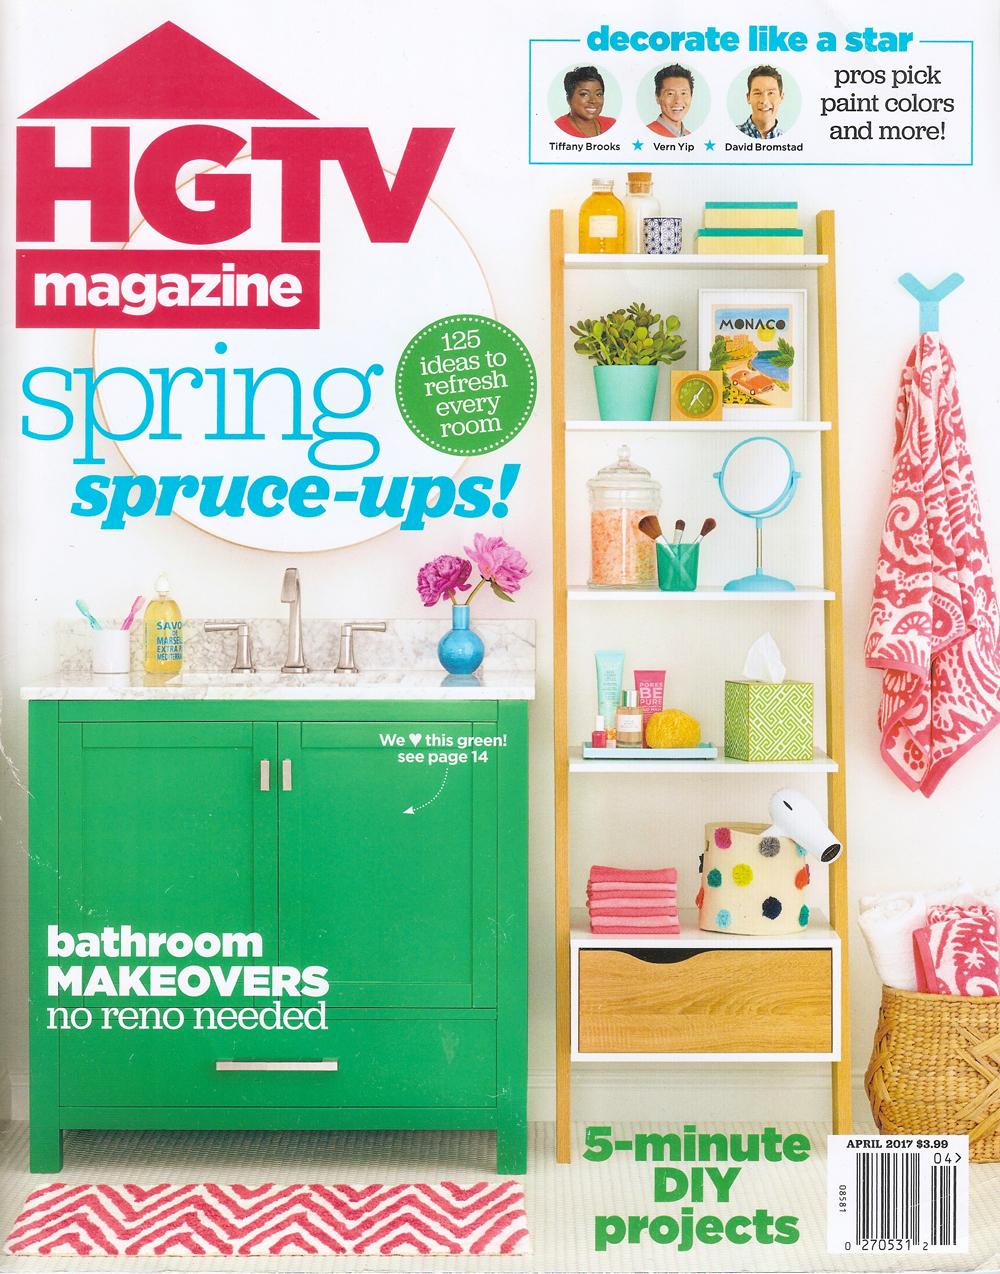 HGTV_Cofield_april_2017_cover_web.jpg